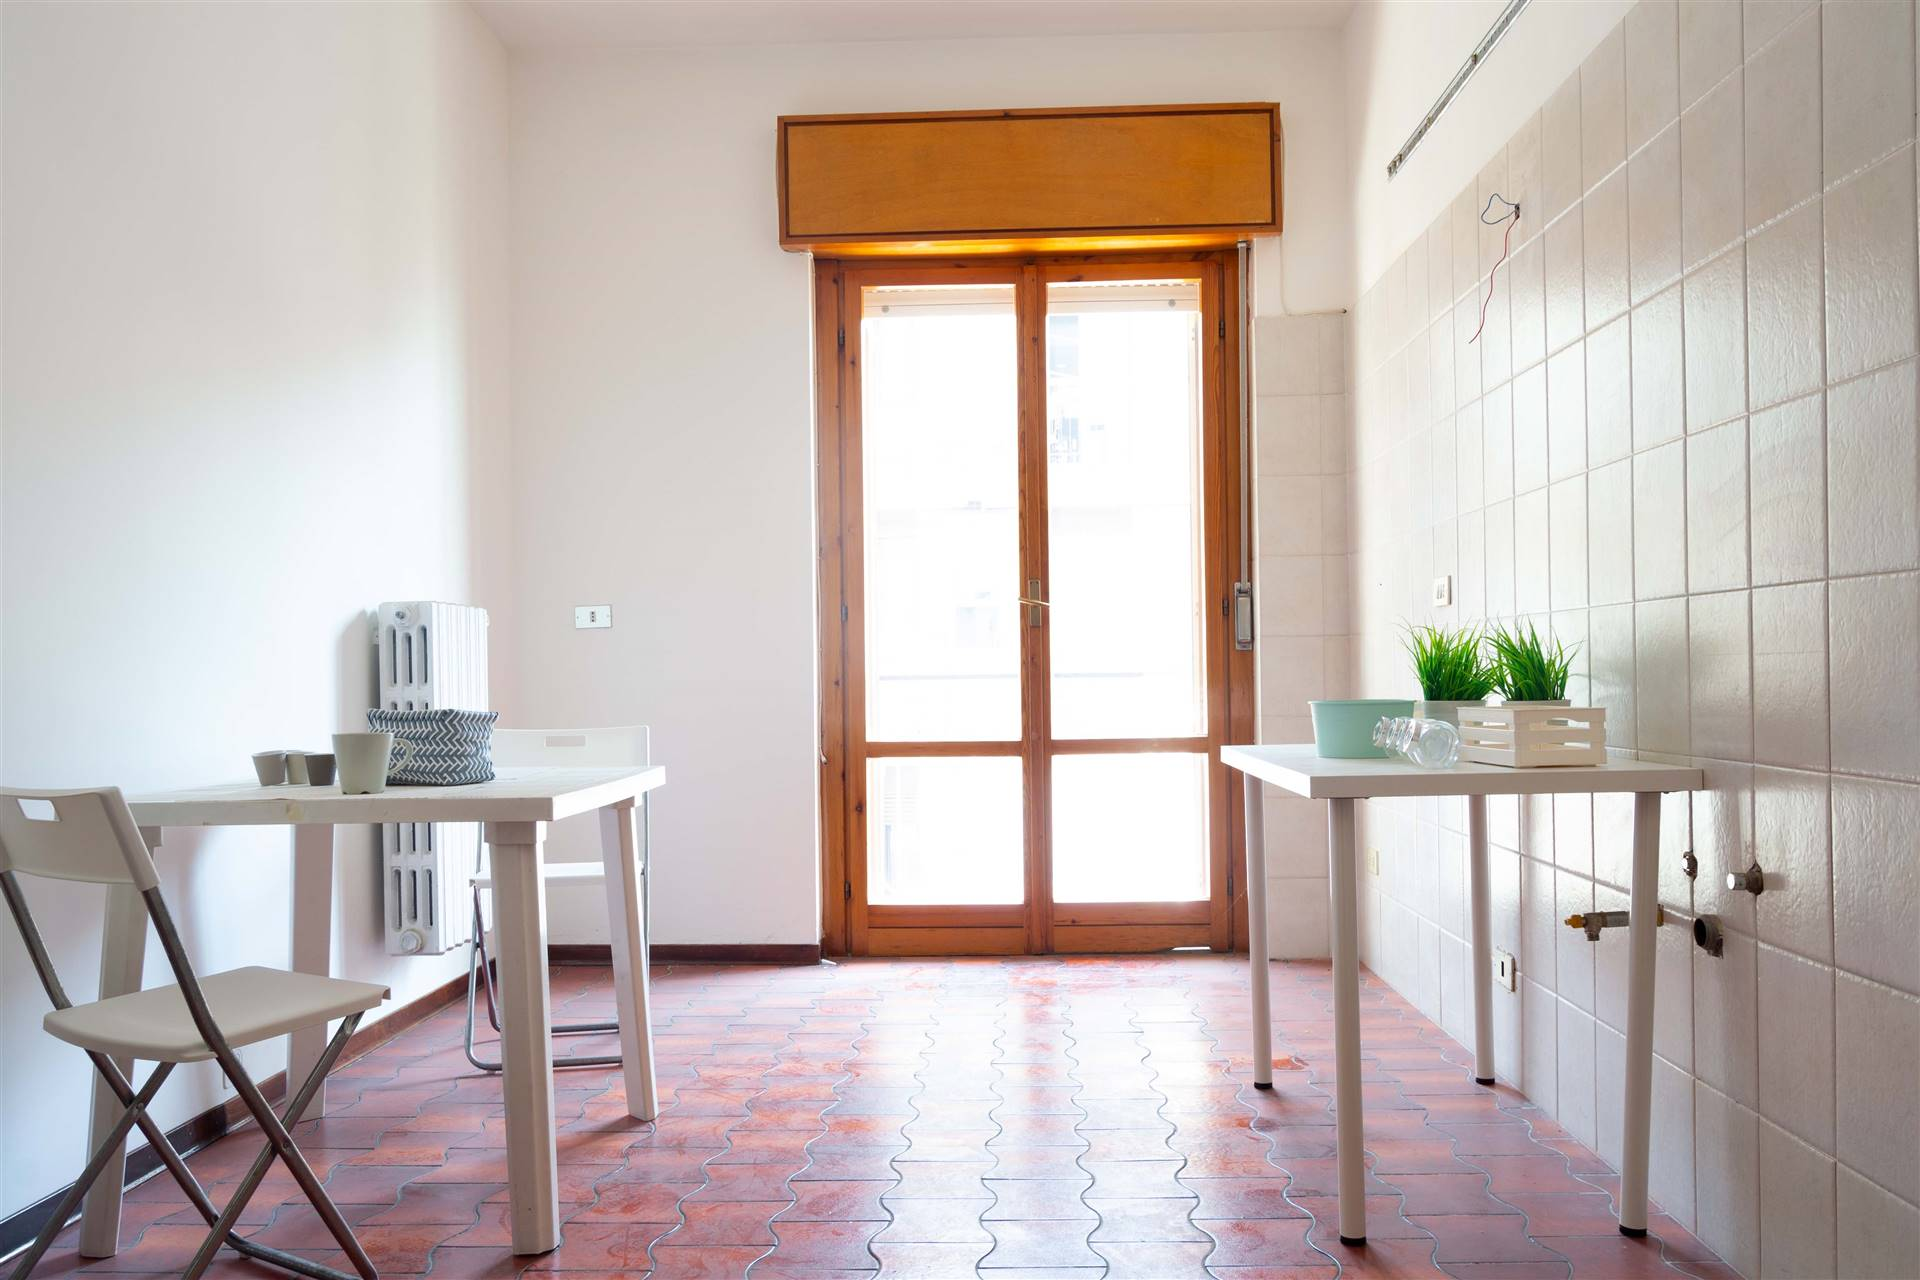 Appartamento in vendita a Mercogliano, 2 locali, prezzo € 65.000 | CambioCasa.it